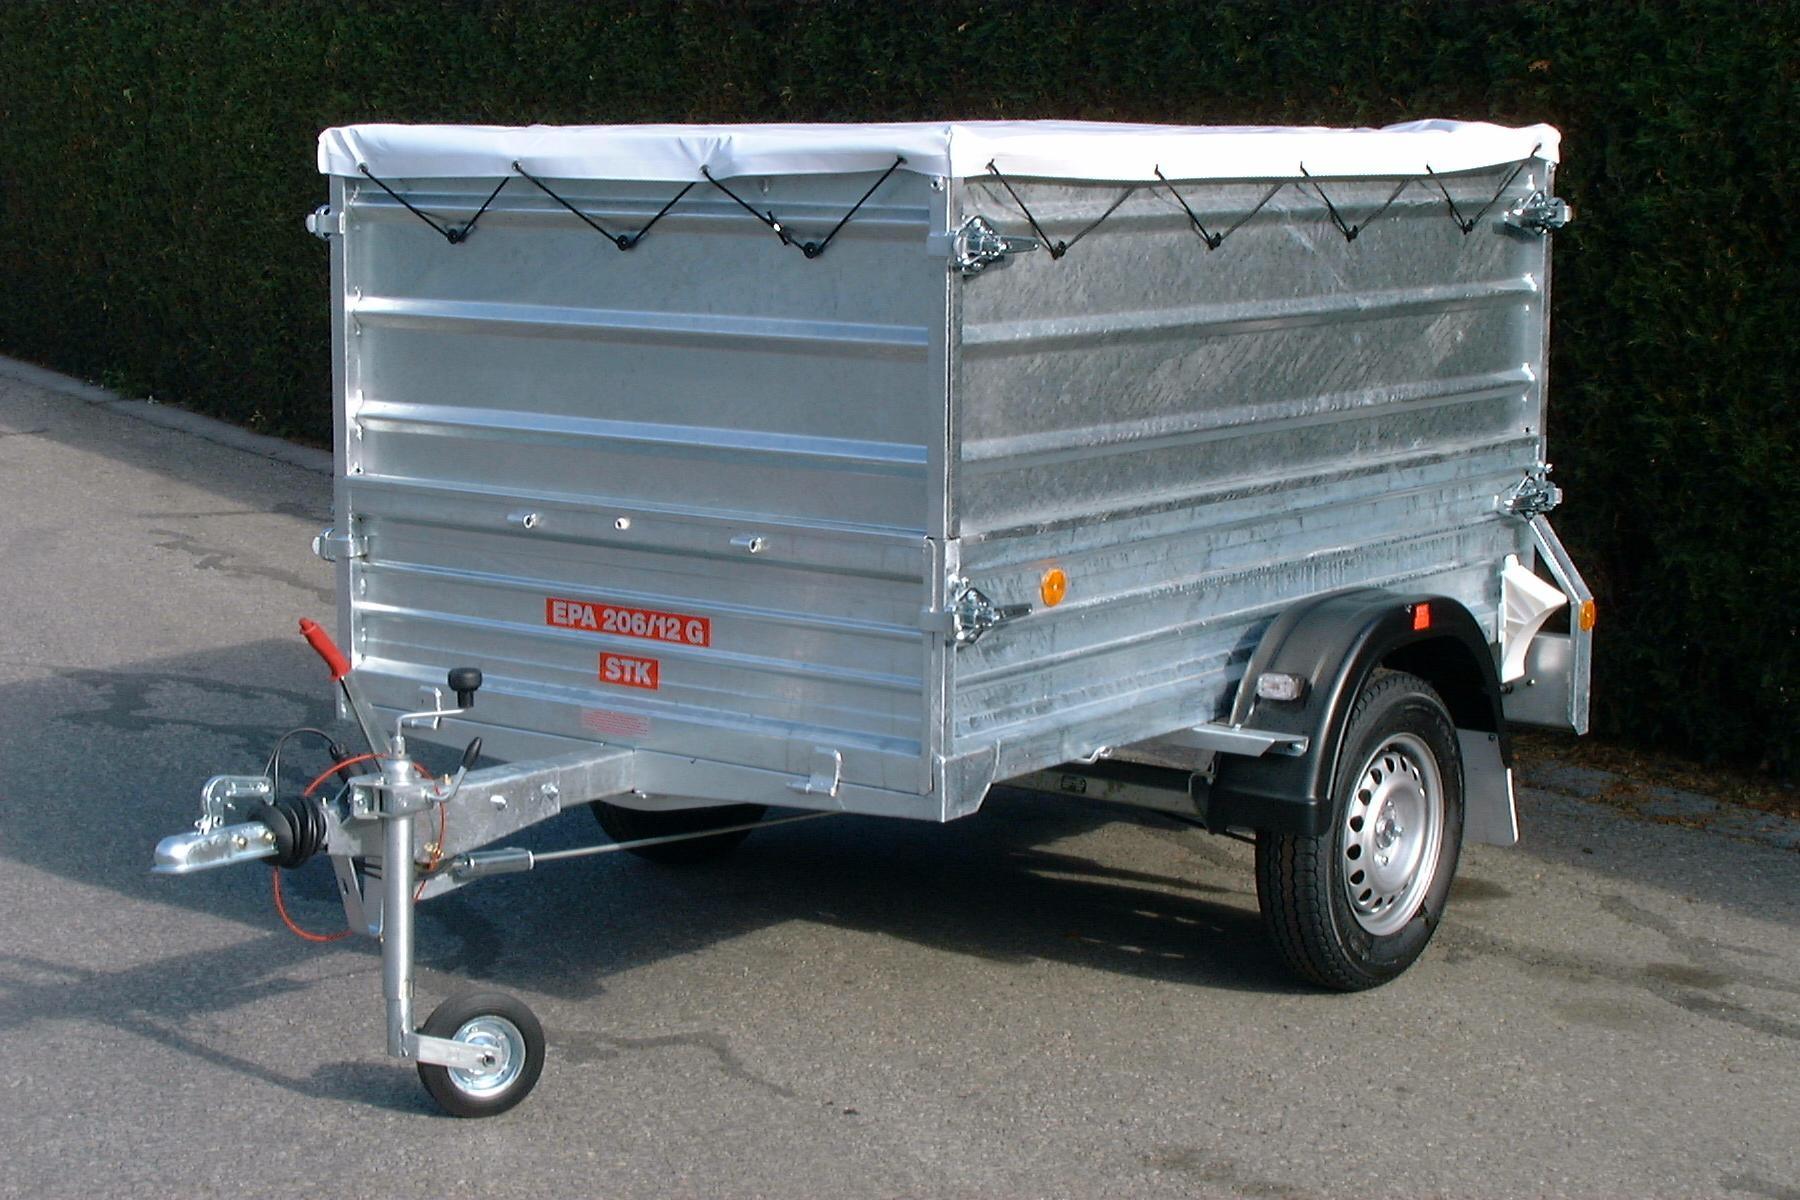 Zubehör für Pongratz Anhänger - HP Anhänger GmbH & Co KG